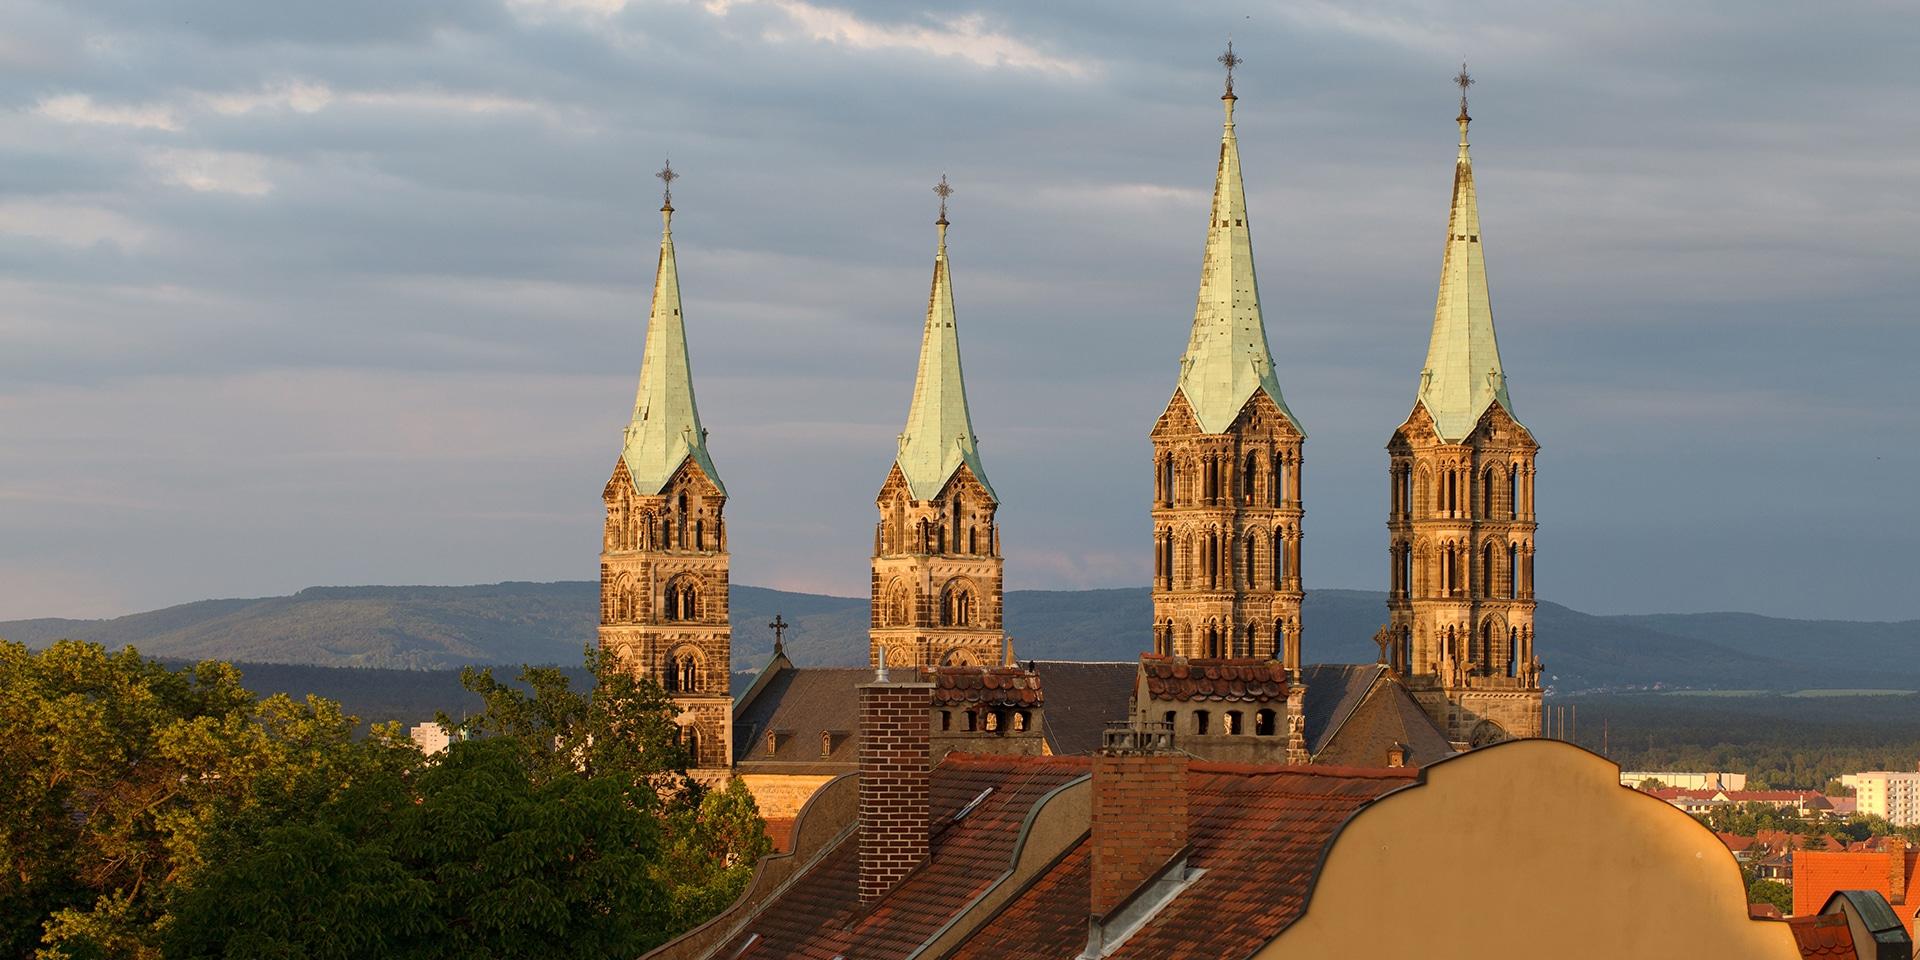 bamberger dom - Dom Bamberg